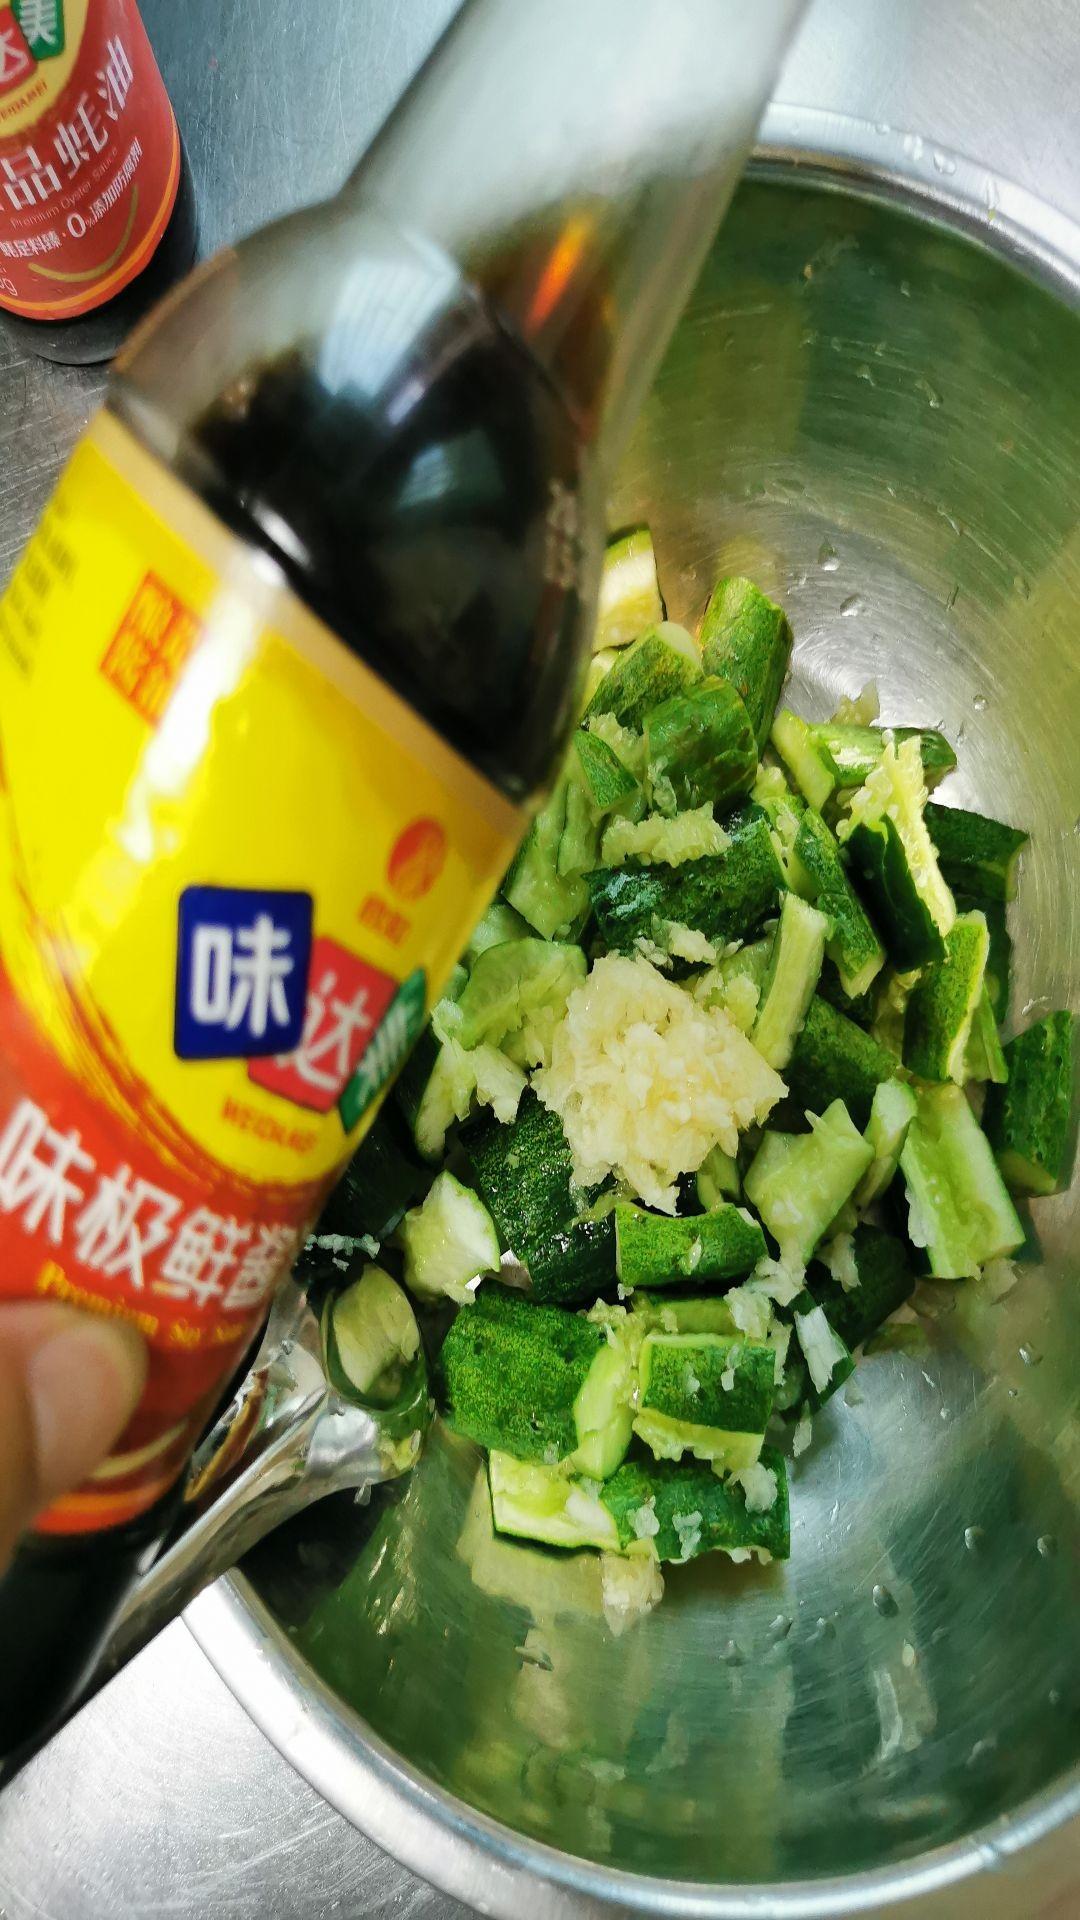 清拌黄瓜的简单做法